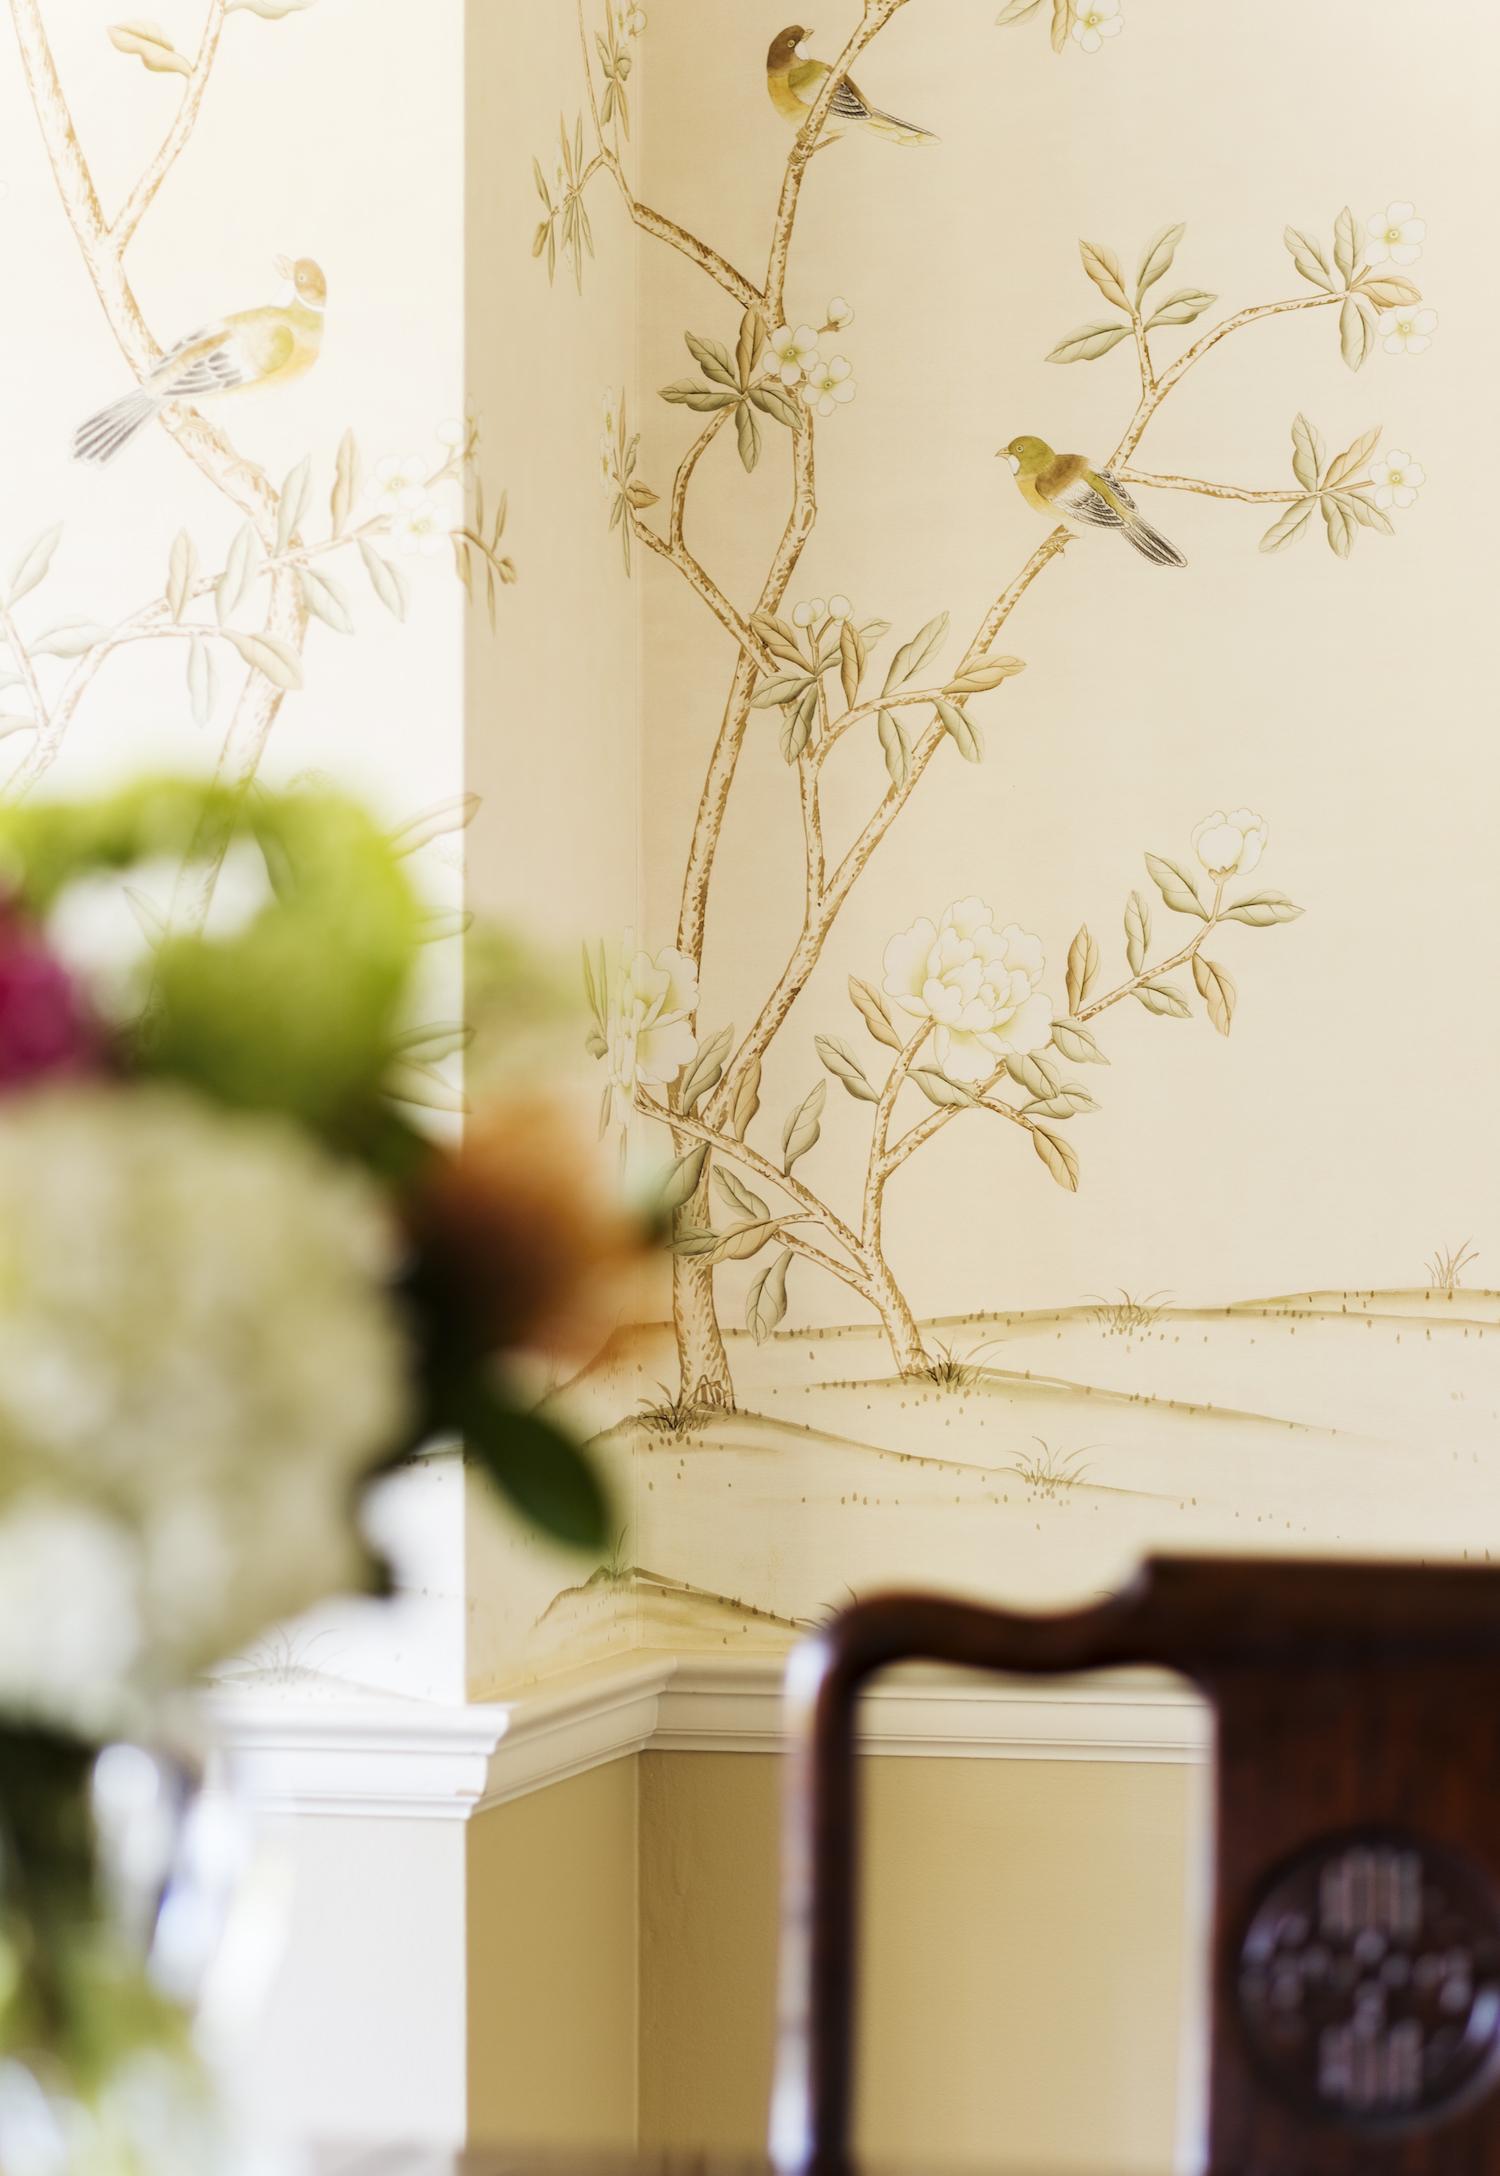 Wallpaper design by Jenni Leasia Interior Design in Portland